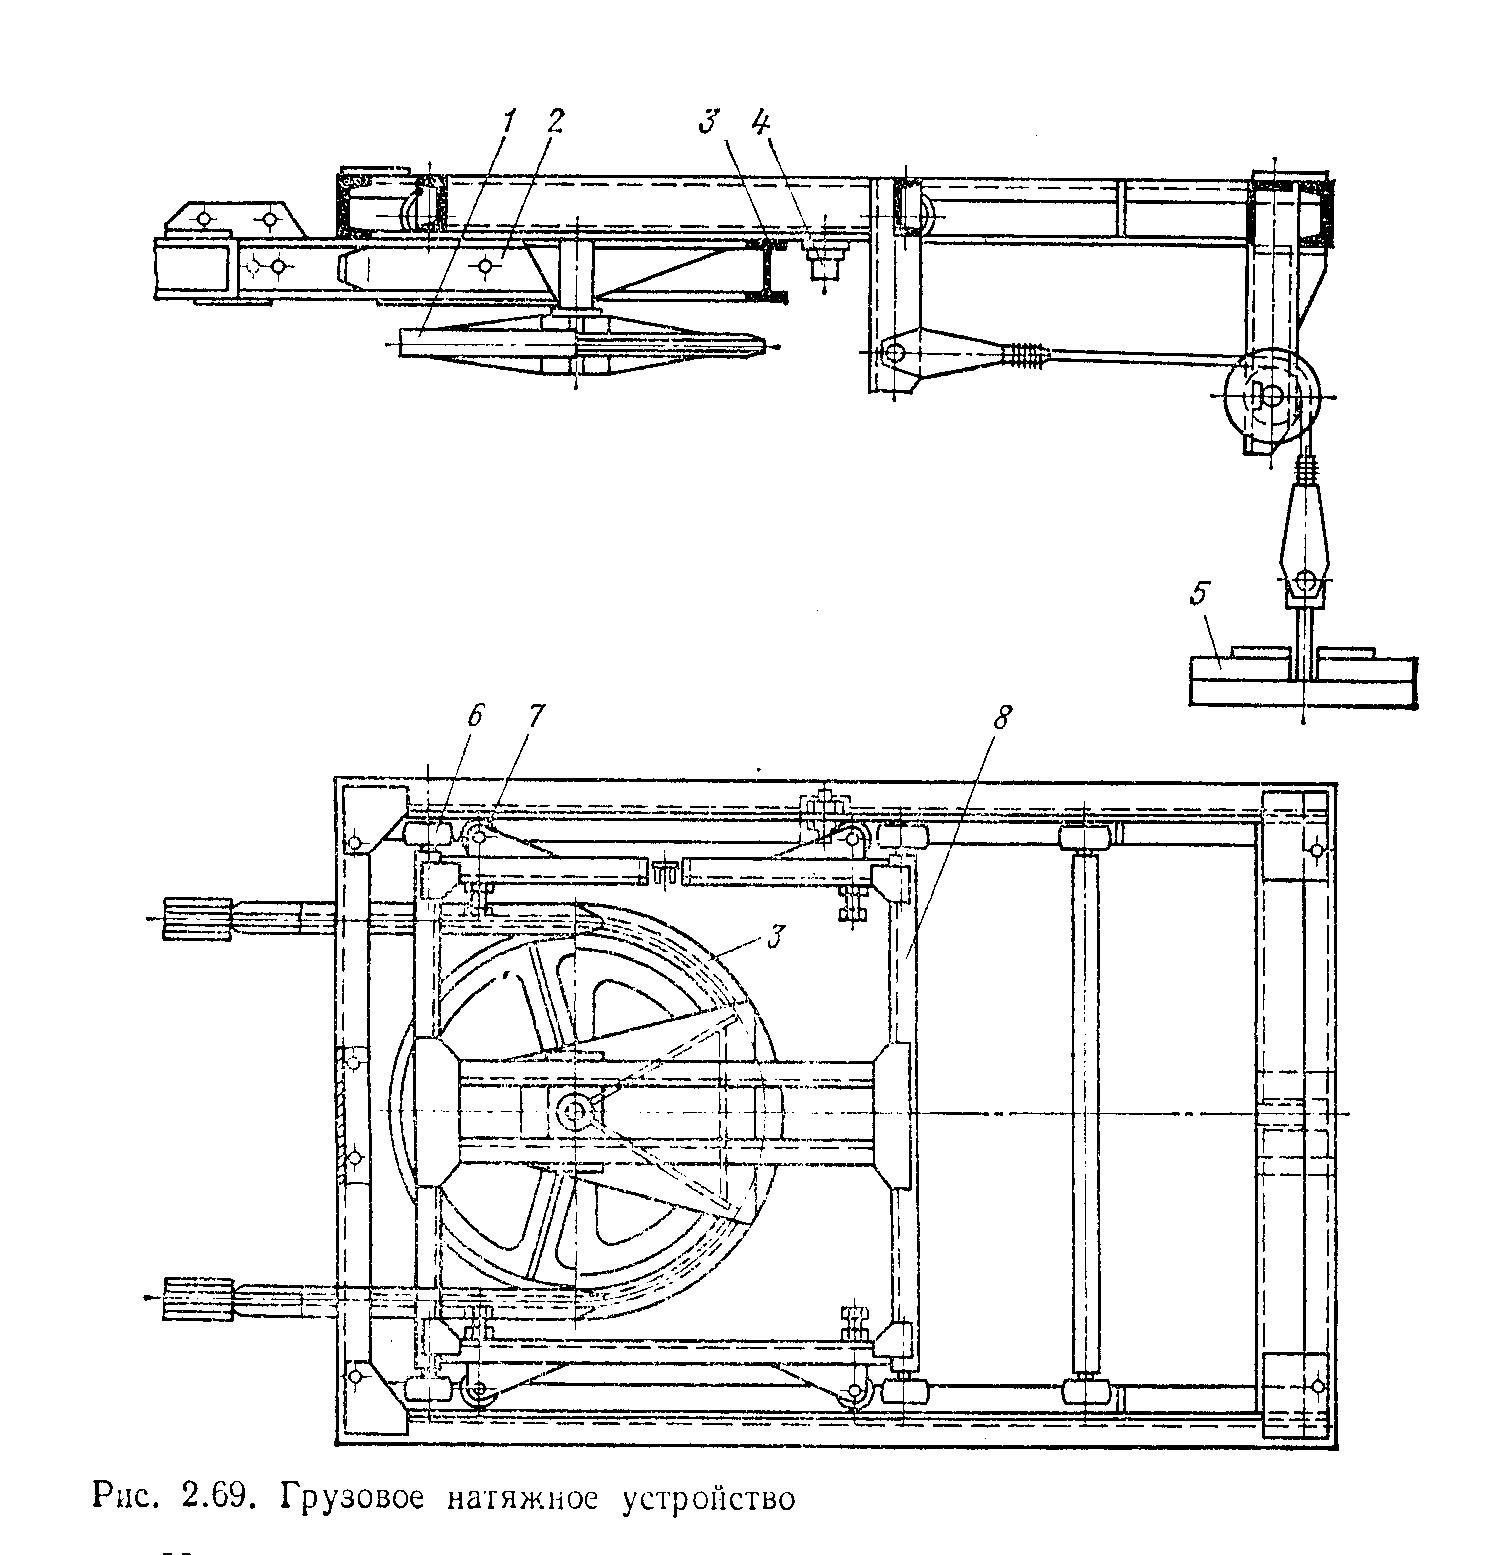 Направляющие подвесных конвейеров транспортер загрузчик для картофеля